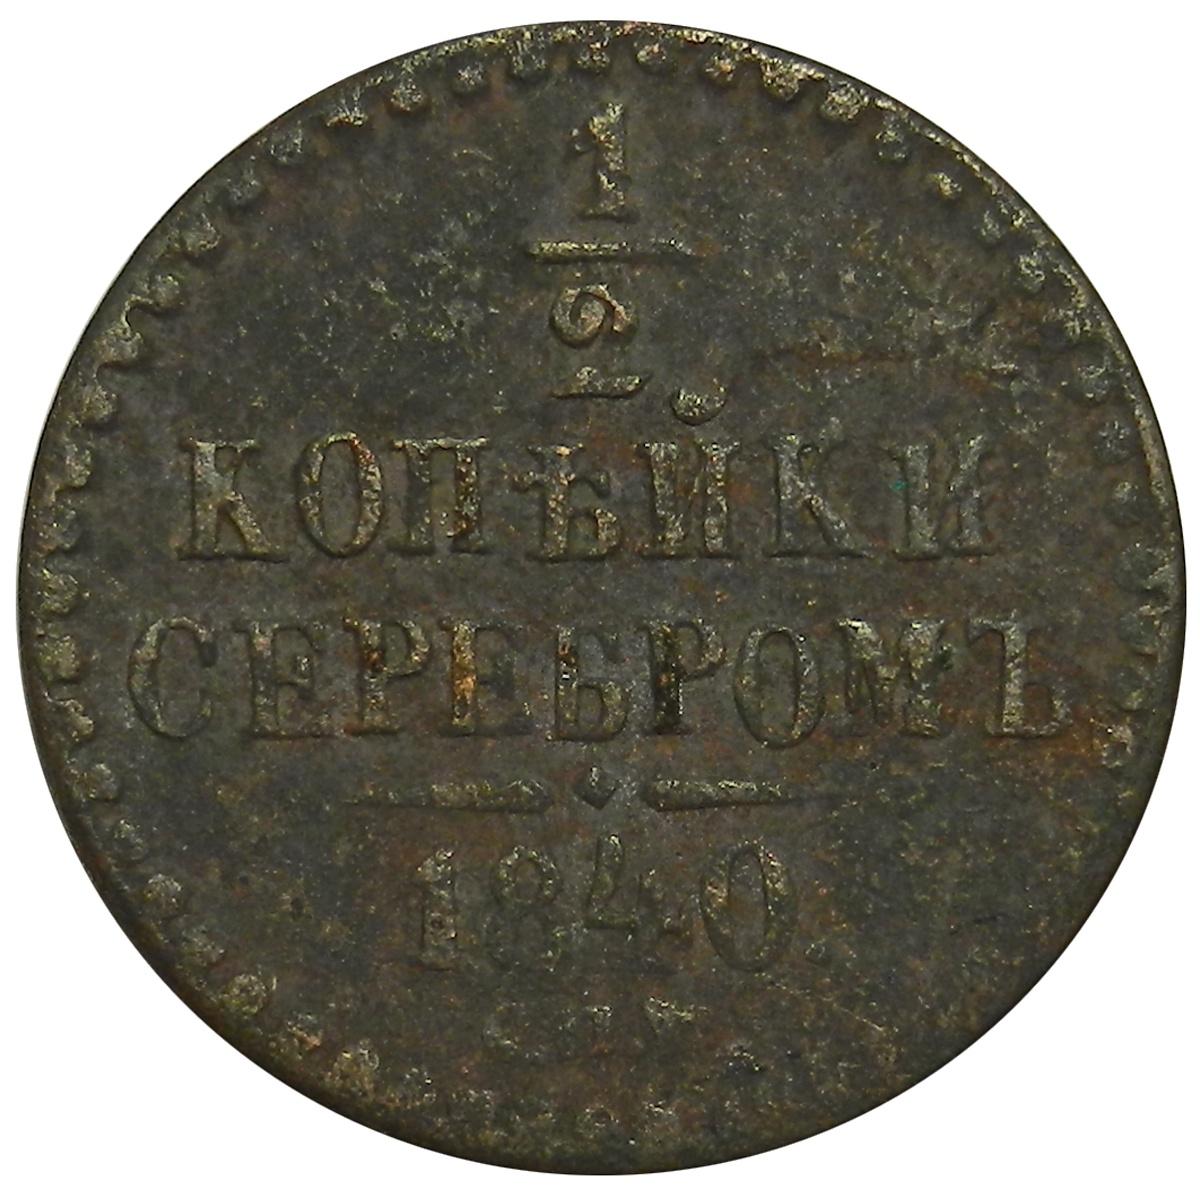 Монета 1/2 копейки серебром. Медь. Российская Империя, 1840 год (СПМ) VF-XF монета 1 копейка серебром медь российская империя 1840 год спм xf